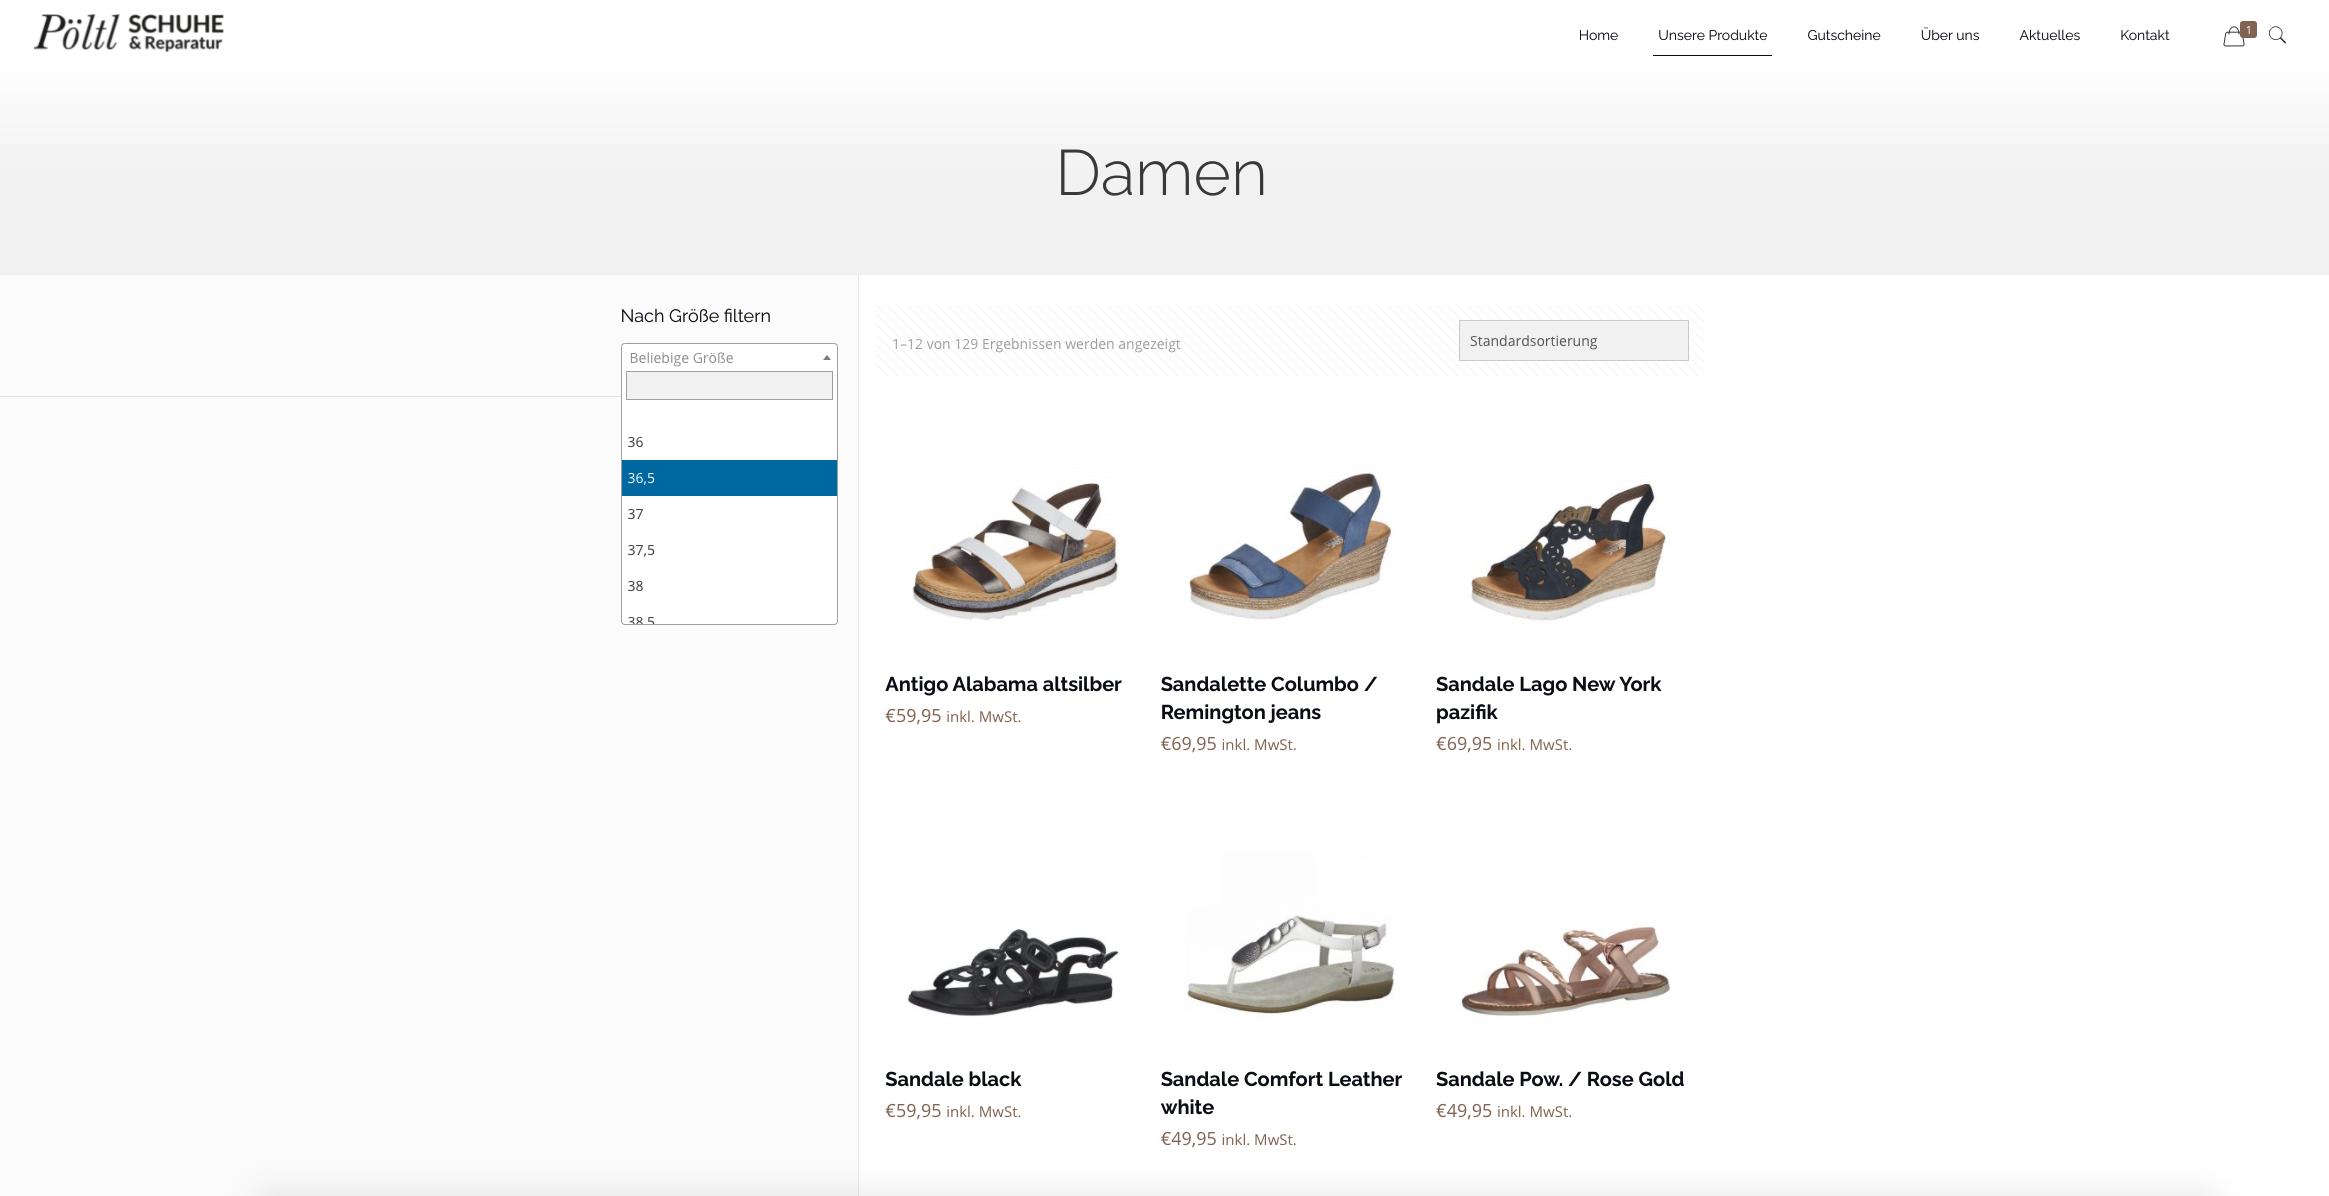 Produktübersicht von Sandalen im Schuhhaus Pöltl Onlineshop.